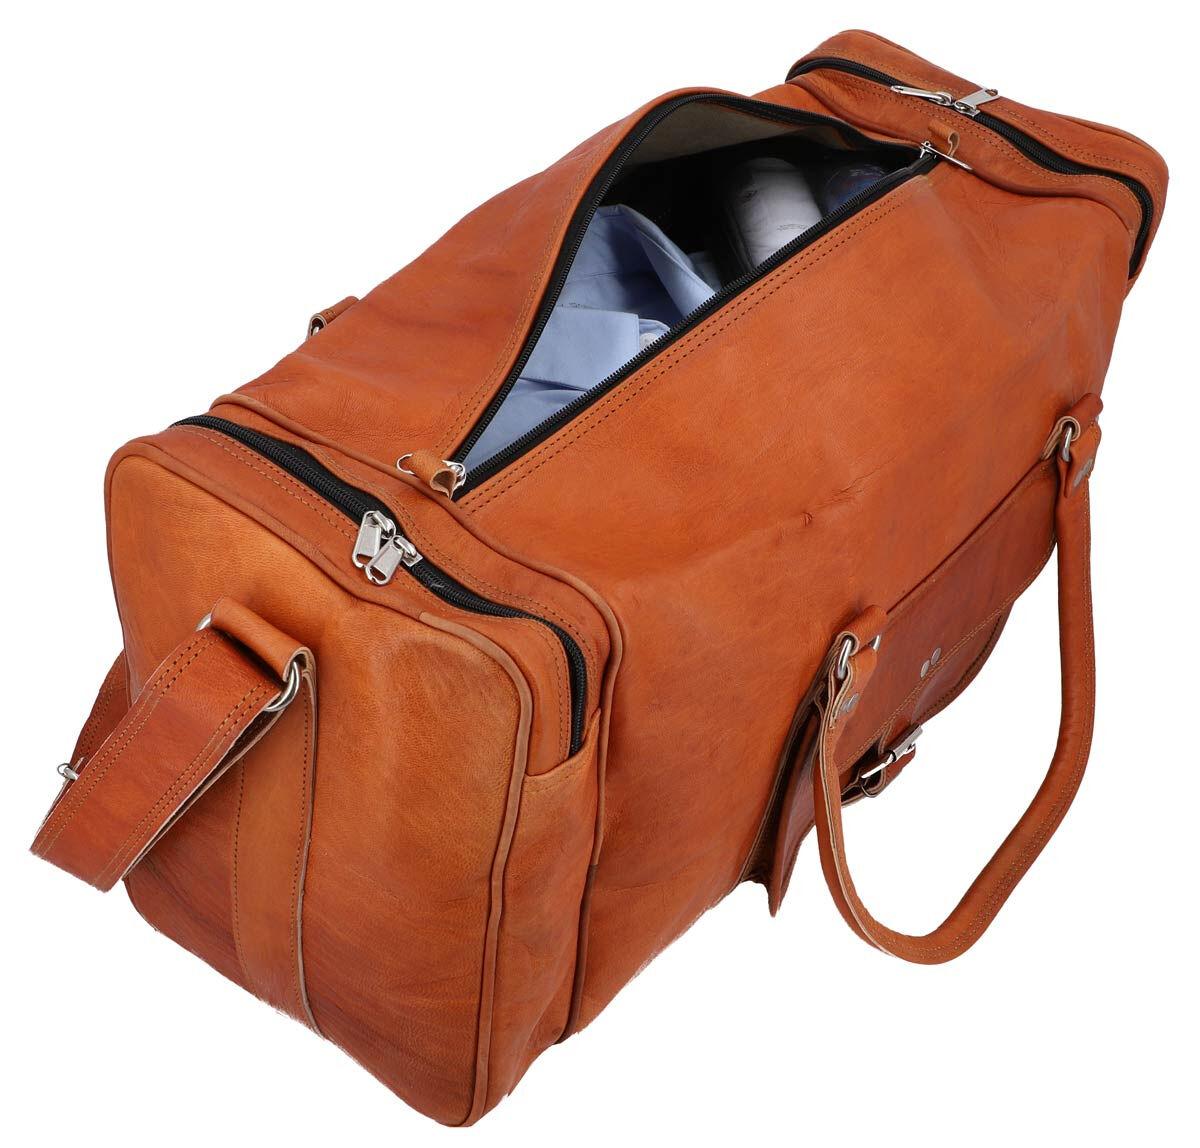 Outlet Reisetasche - leichter Rost - kleinere Lederfehler- vorhandene Haarreste - Leder leicht fett